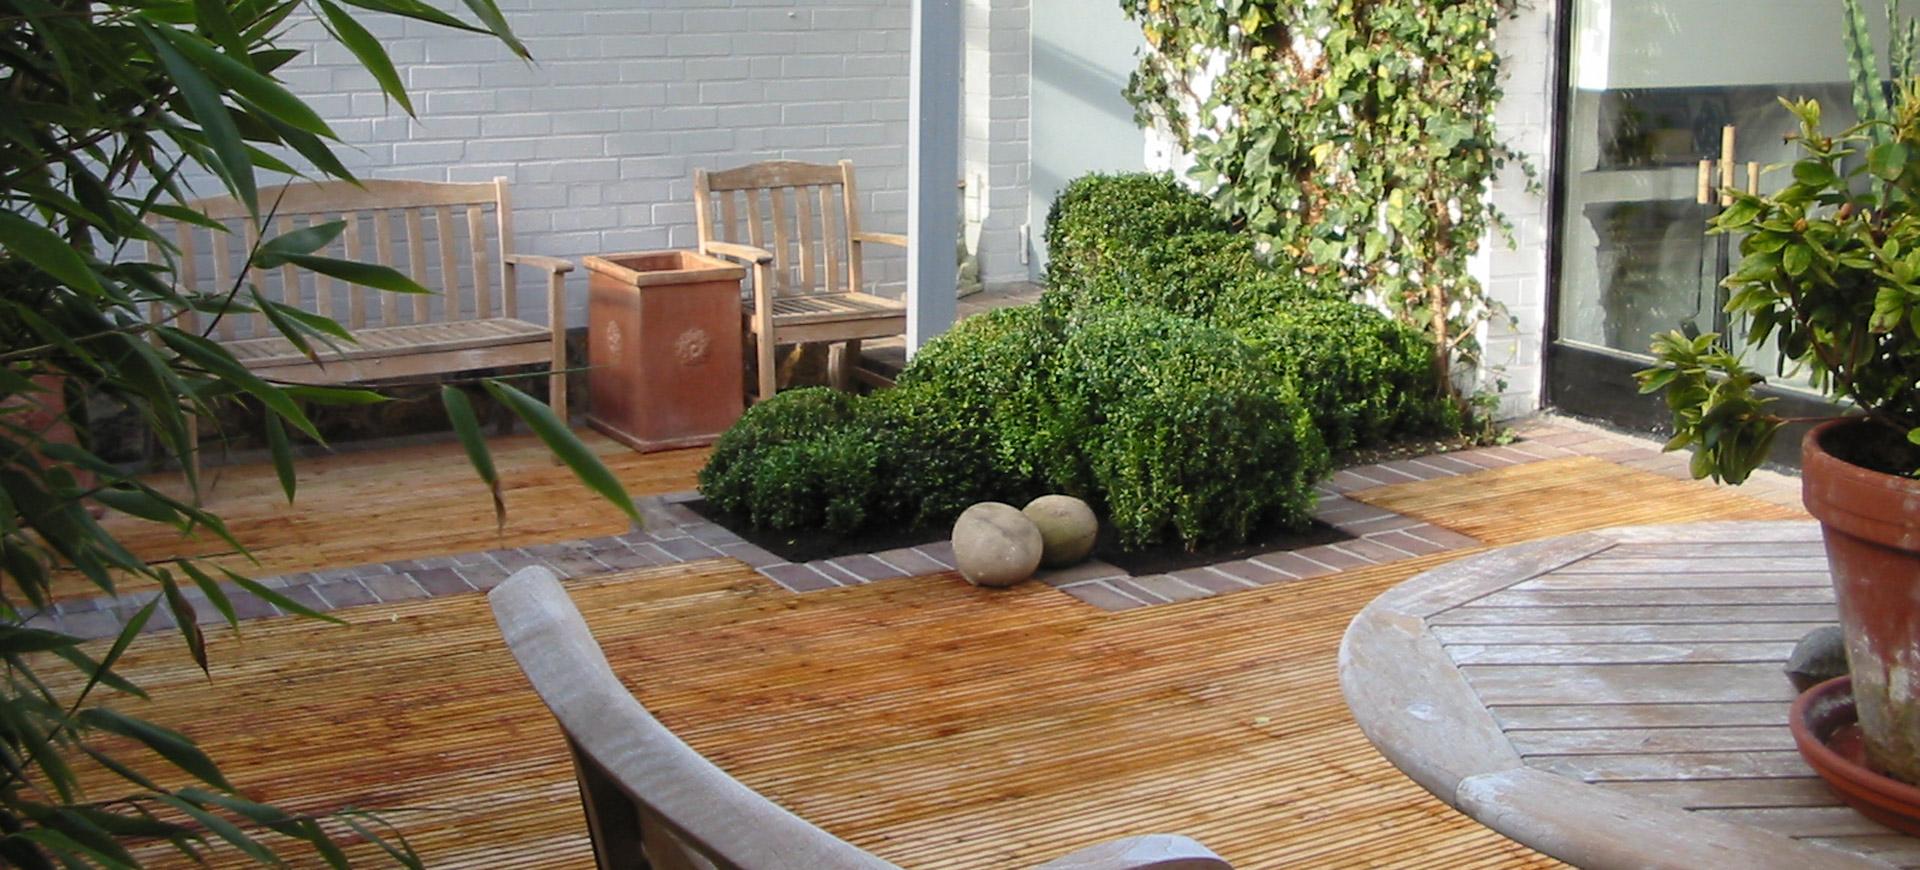 driller freiraumgestaltung. Black Bedroom Furniture Sets. Home Design Ideas